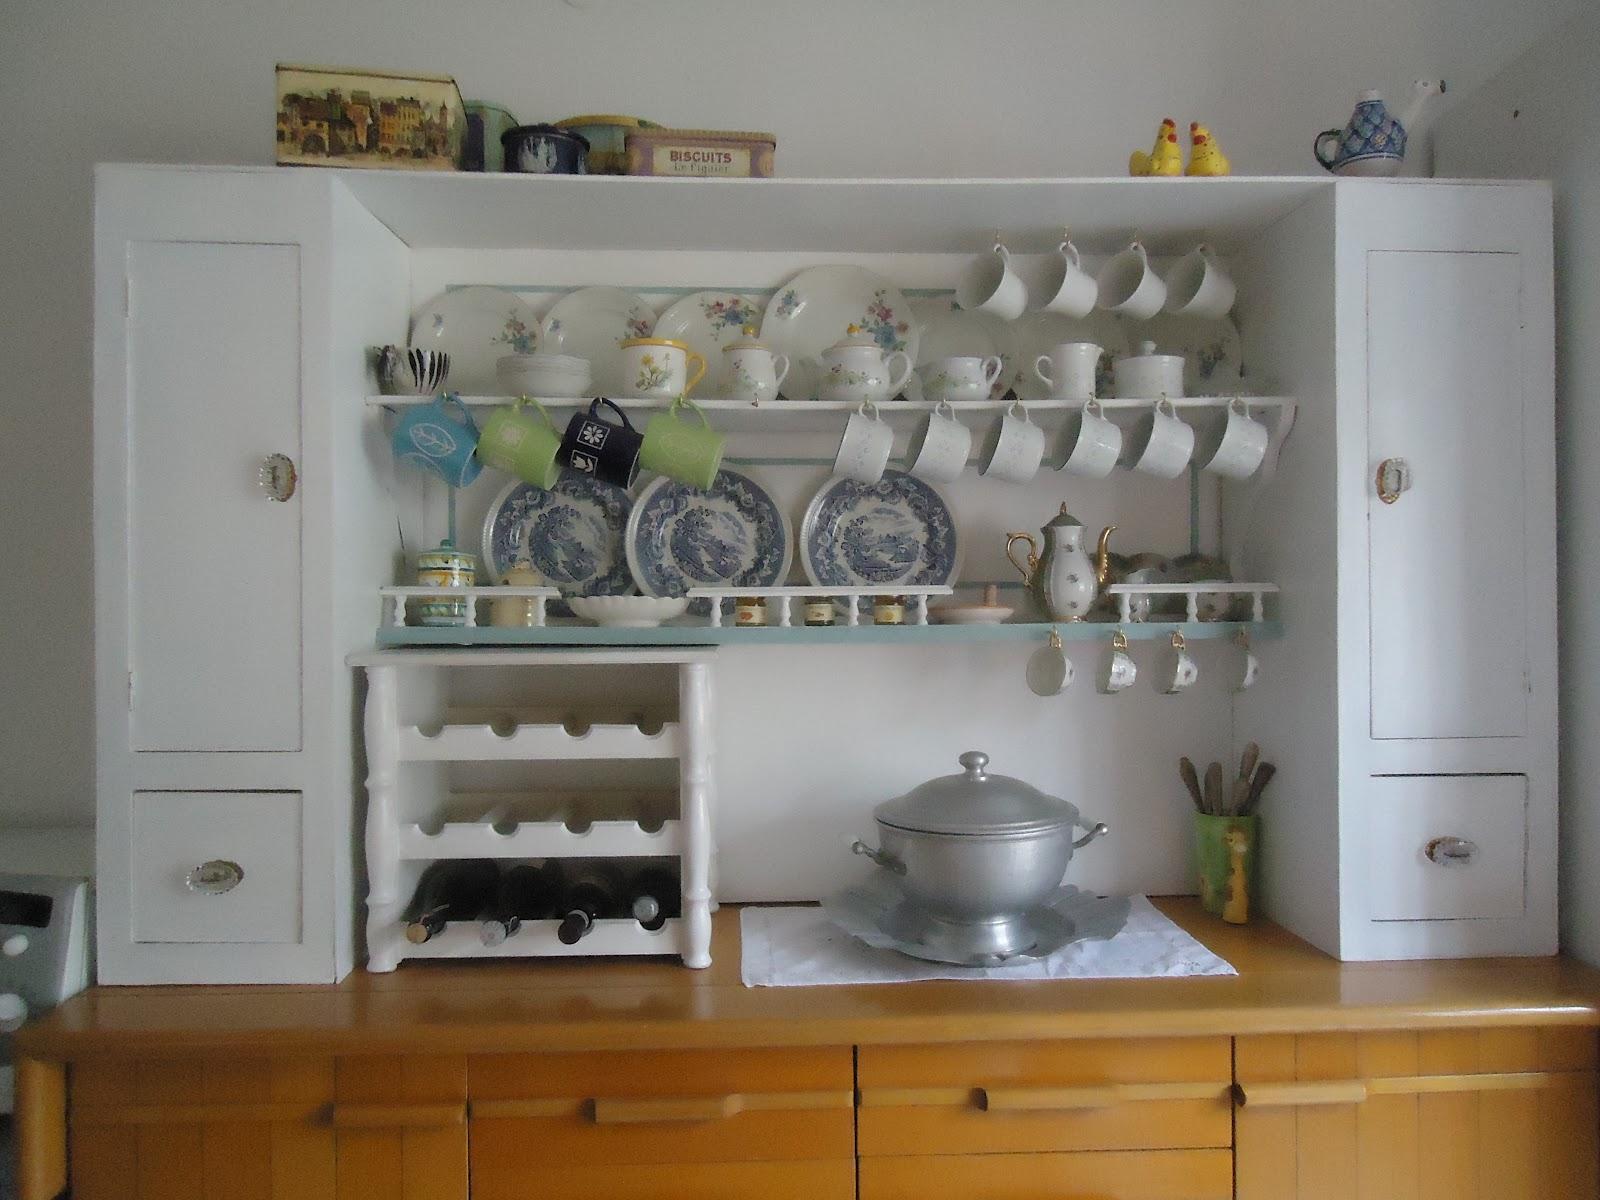 I sogni nel cassetto: Cucina